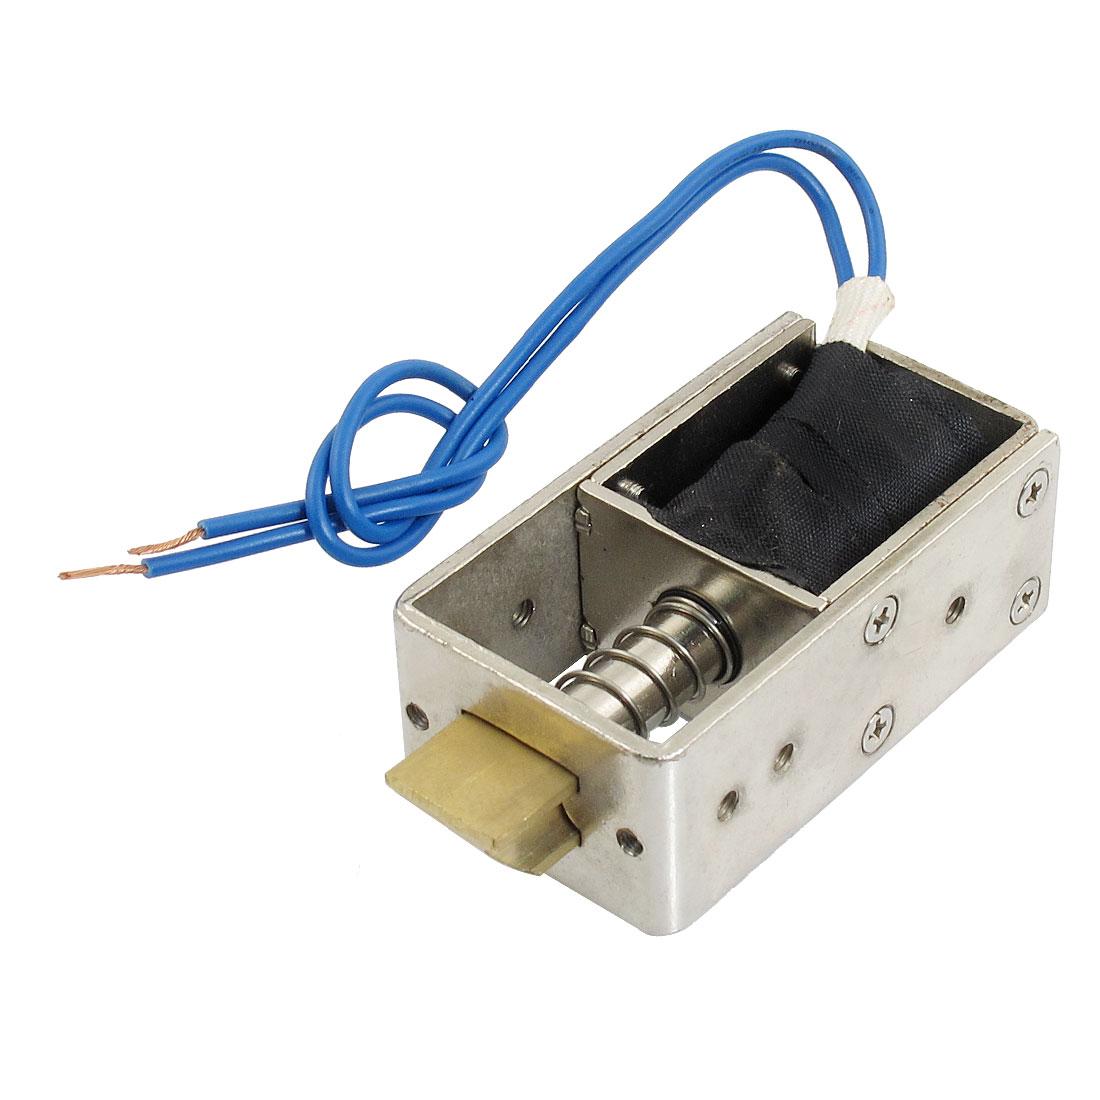 DC 12V 1.5A 1Kg Force Open Frame Pull Type Solenoid Electromagnet